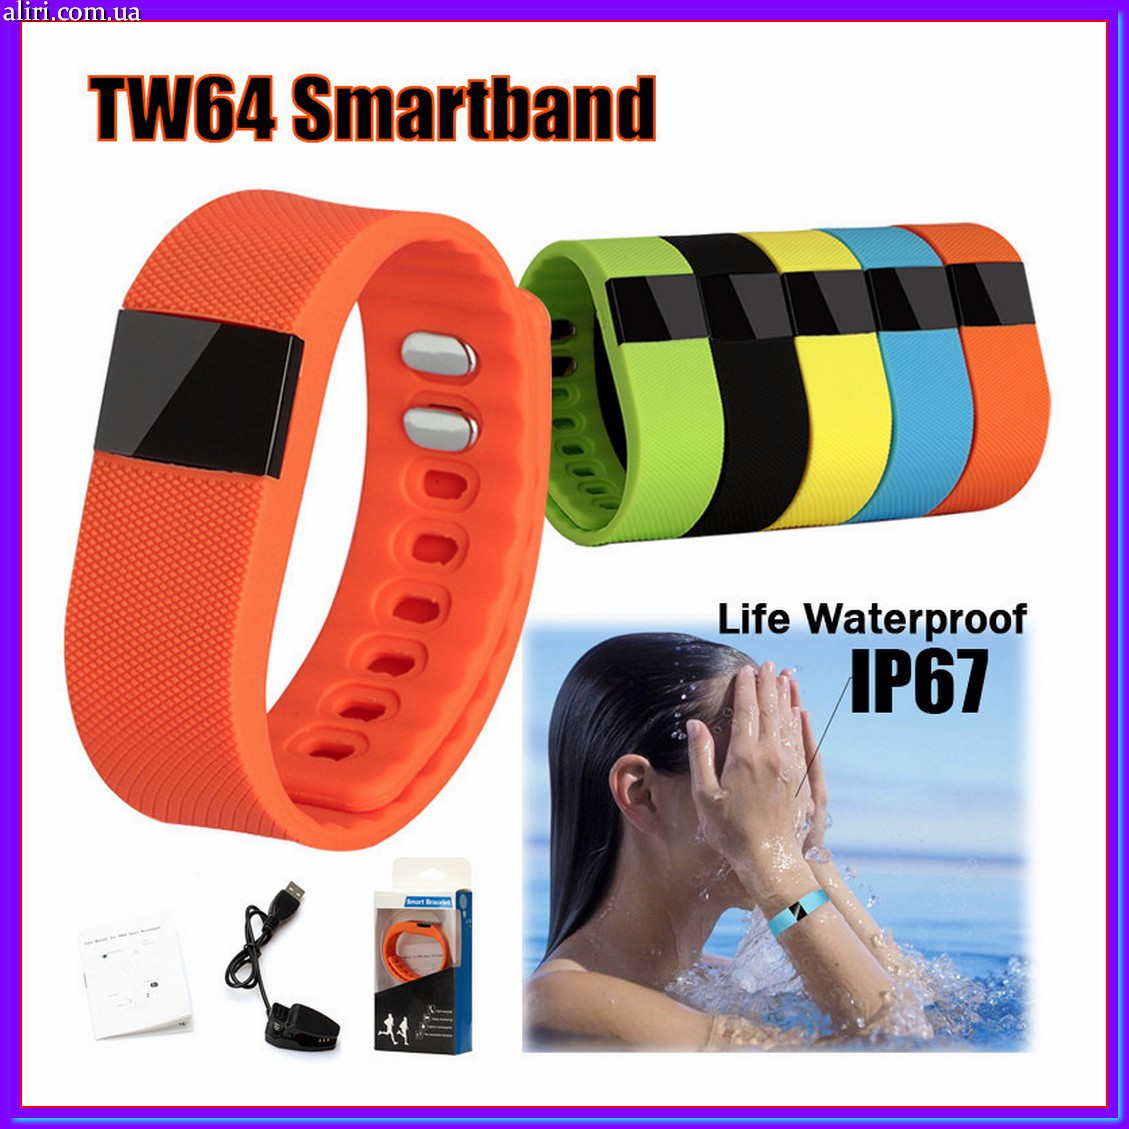 Умные часы для занятий спортом,фитнеса Smartband TW 64 смарт браслет